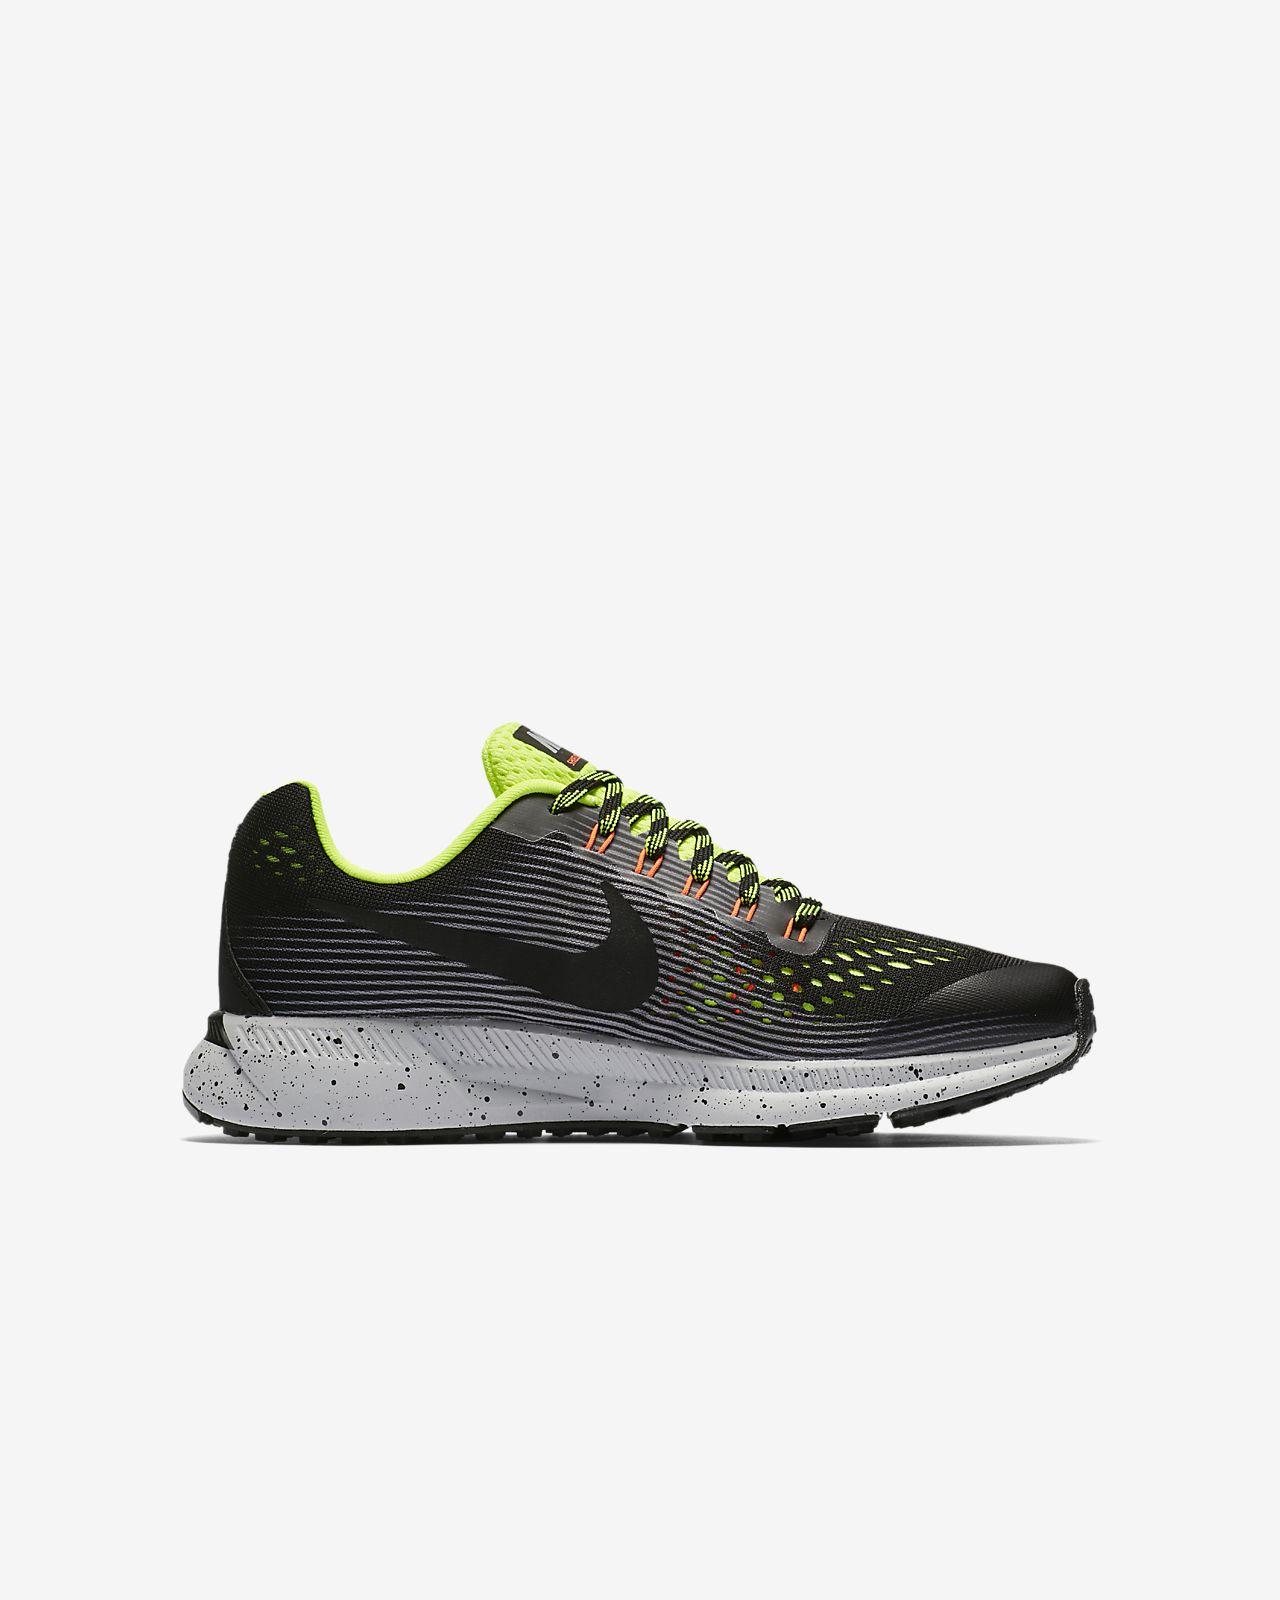 ... Chaussure de running Nike Air Zoom Pegasus 34 Shield pour Enfant plus  âgé